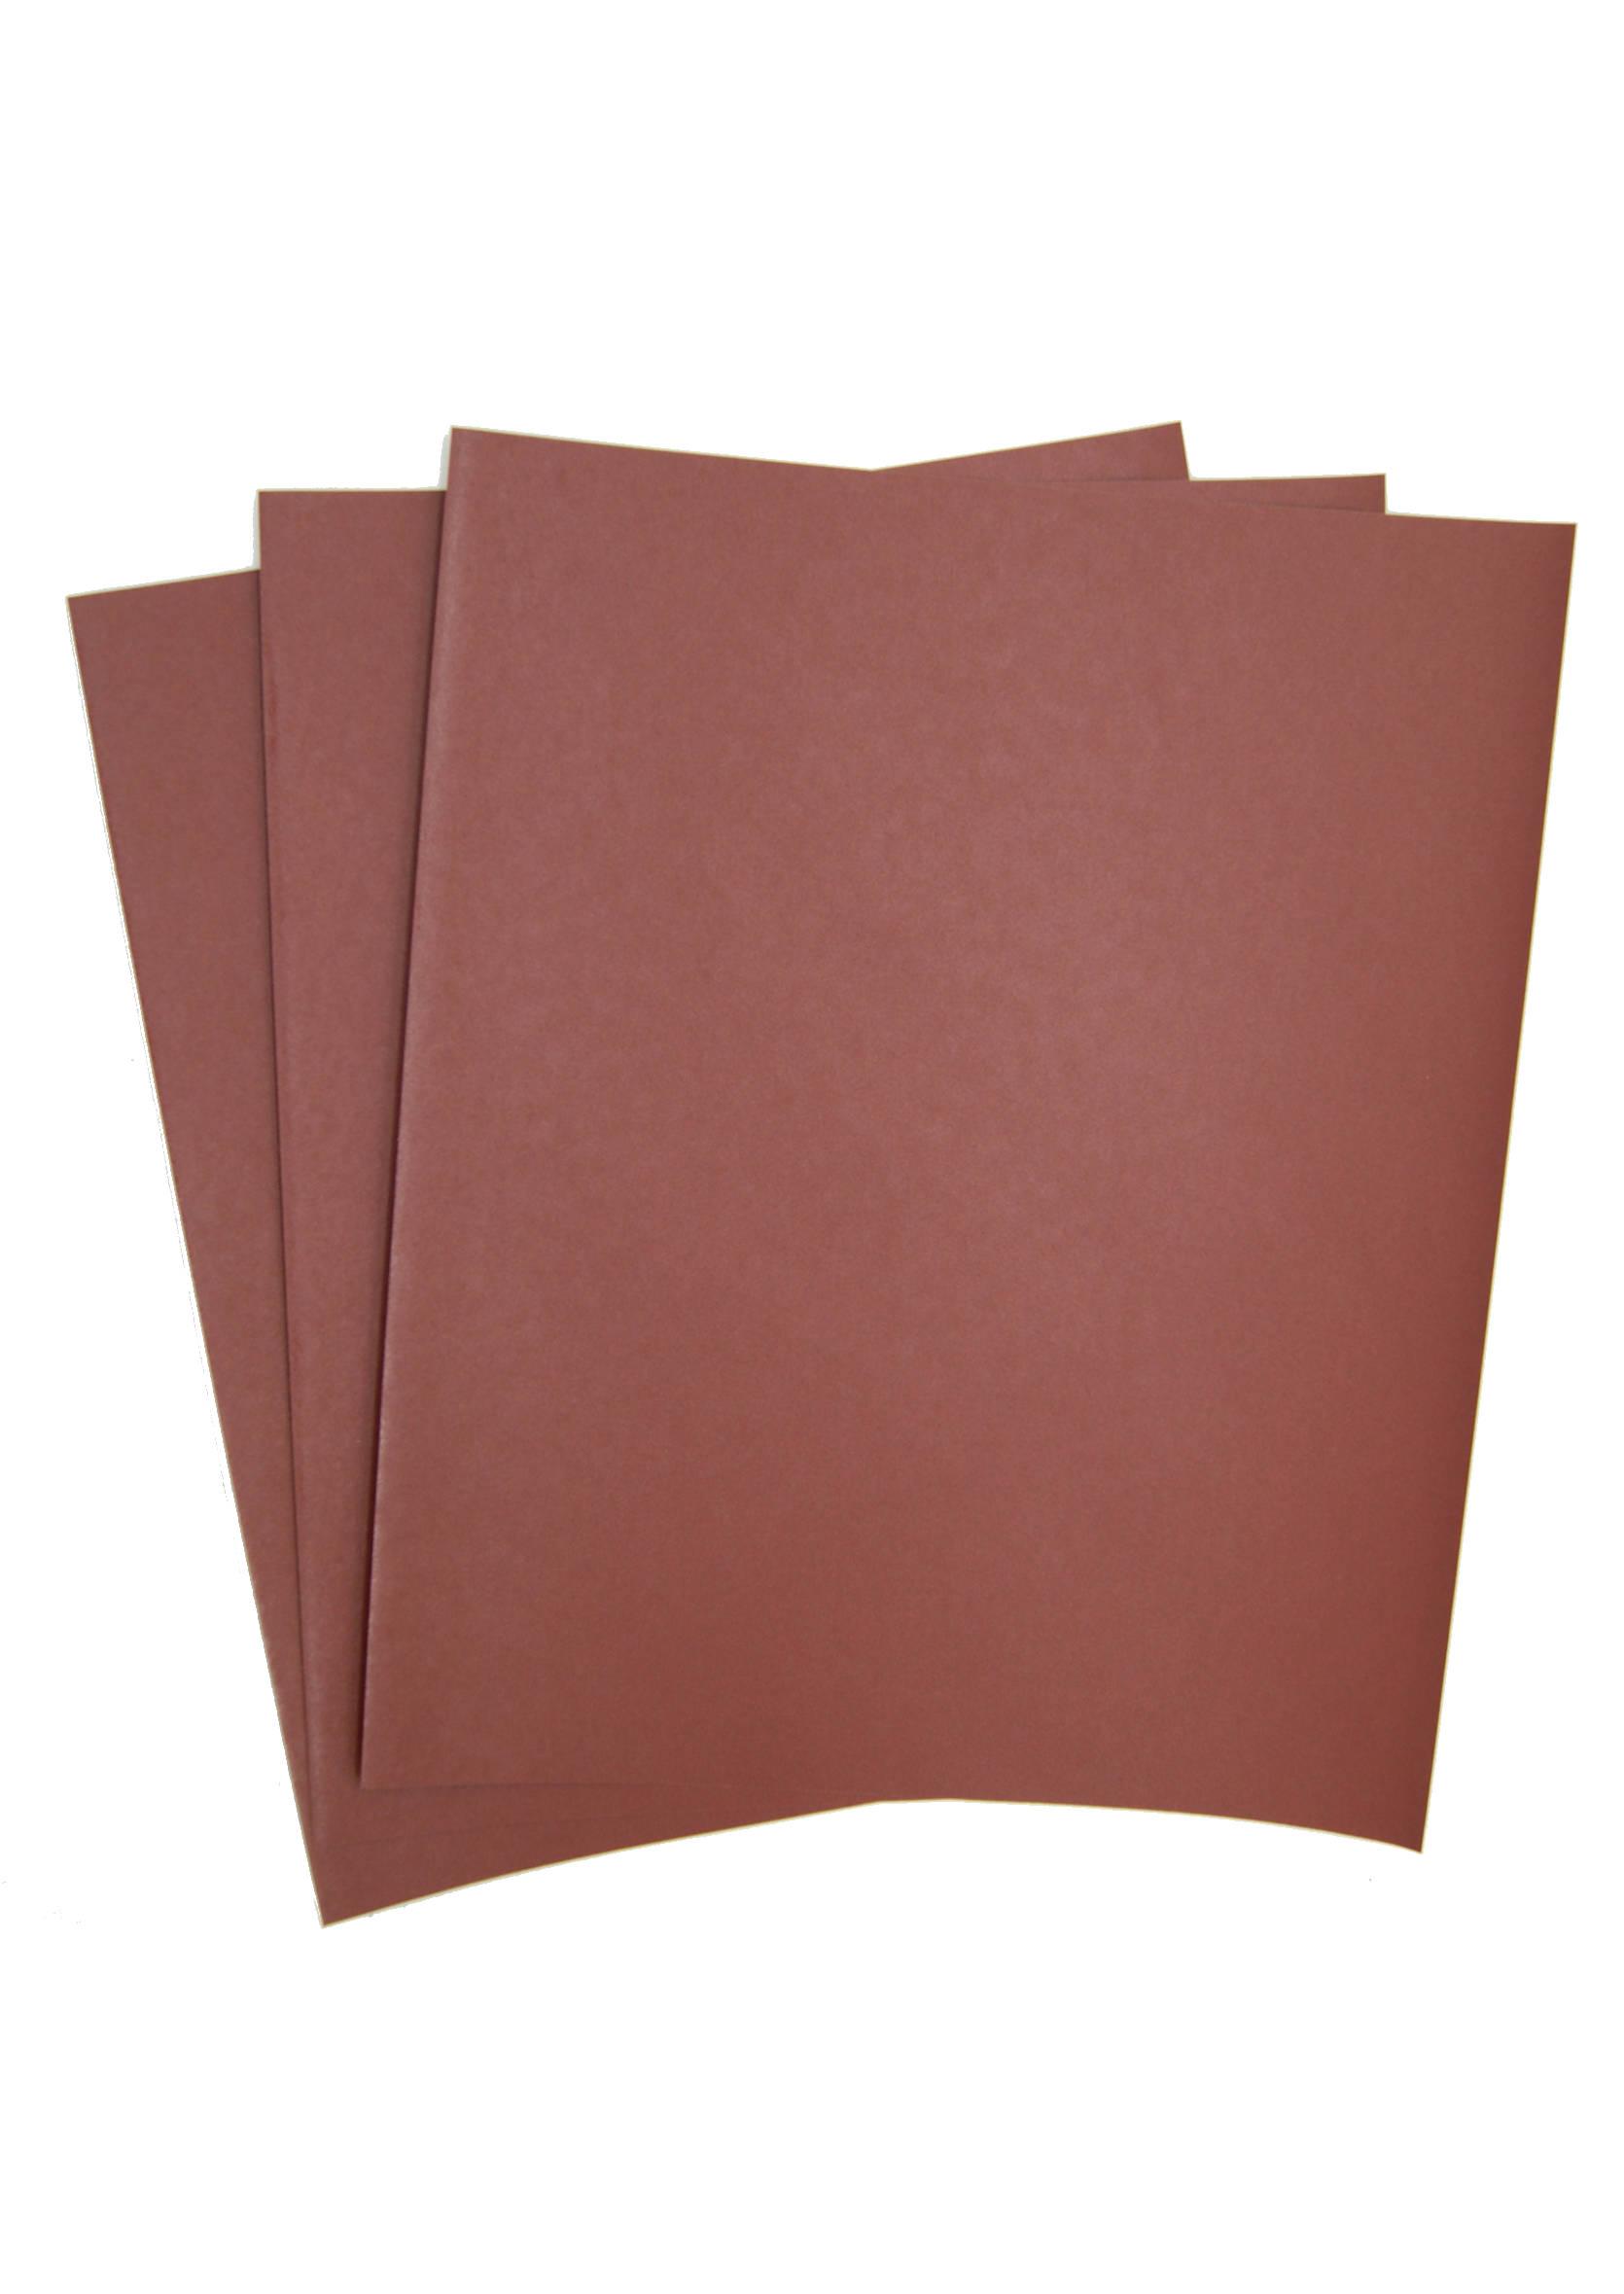 Indasa Rhynowet Sheet Red Line P2000 Papier Ścierny Wodny 230x280mm 1szt.